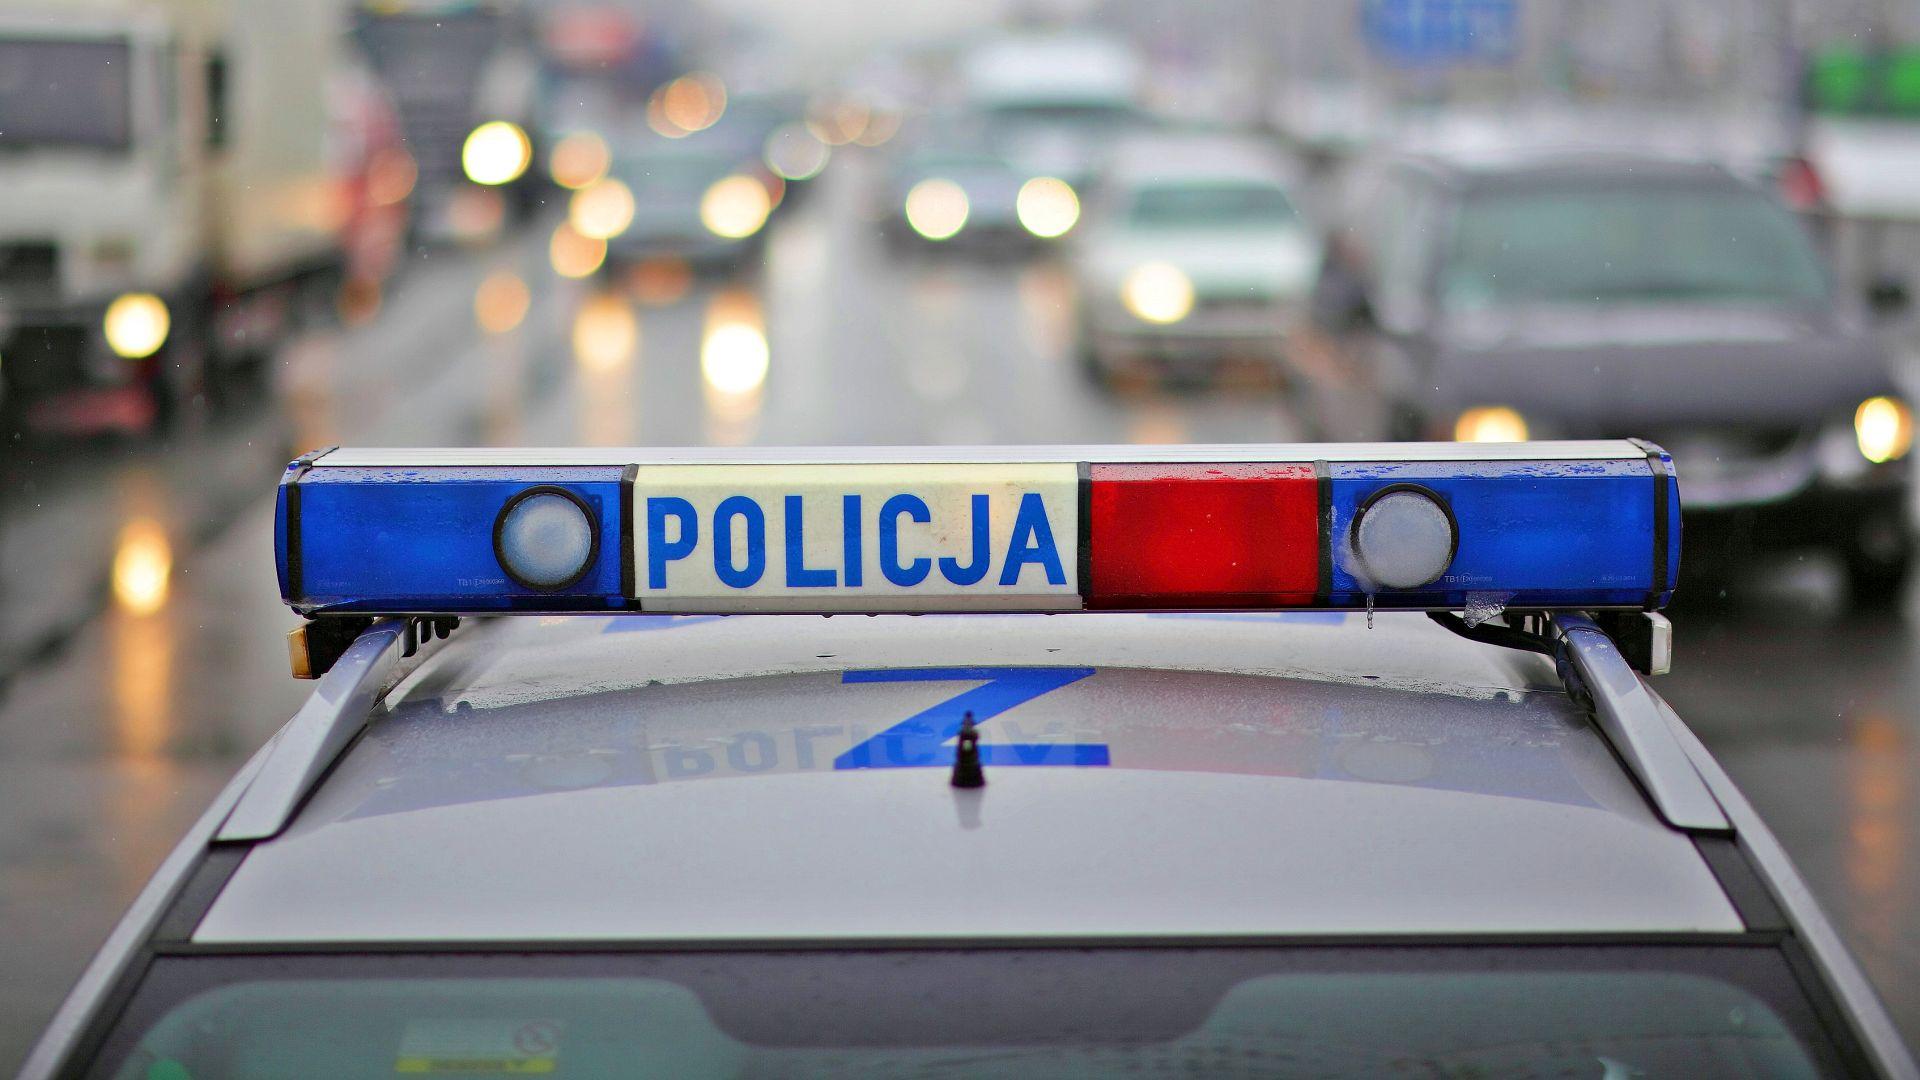 SMOG 2020 - ogólnorajowa akcja policyjna, informacja